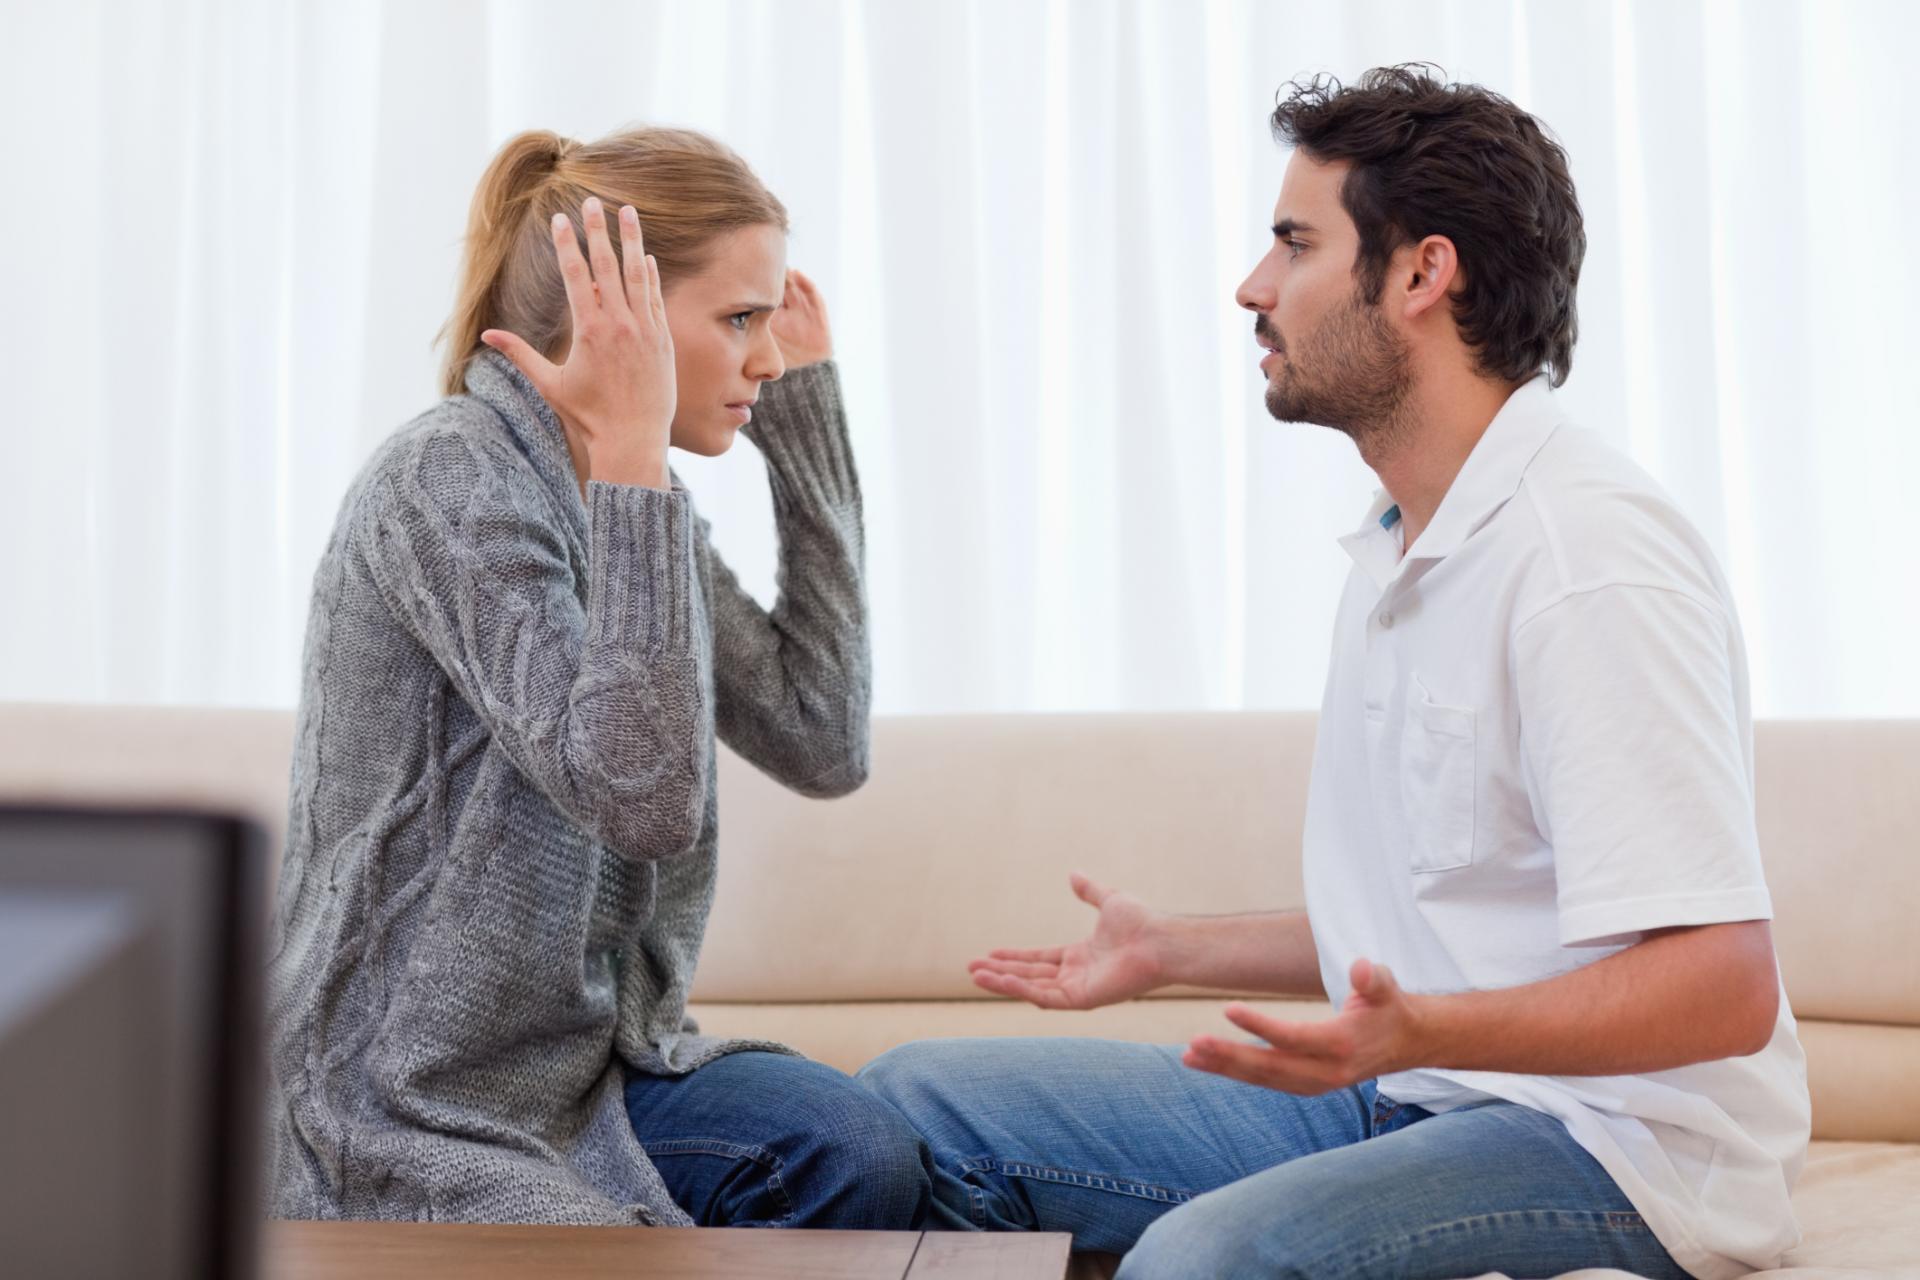 картинки про конфликты между мужем и женой она хотела